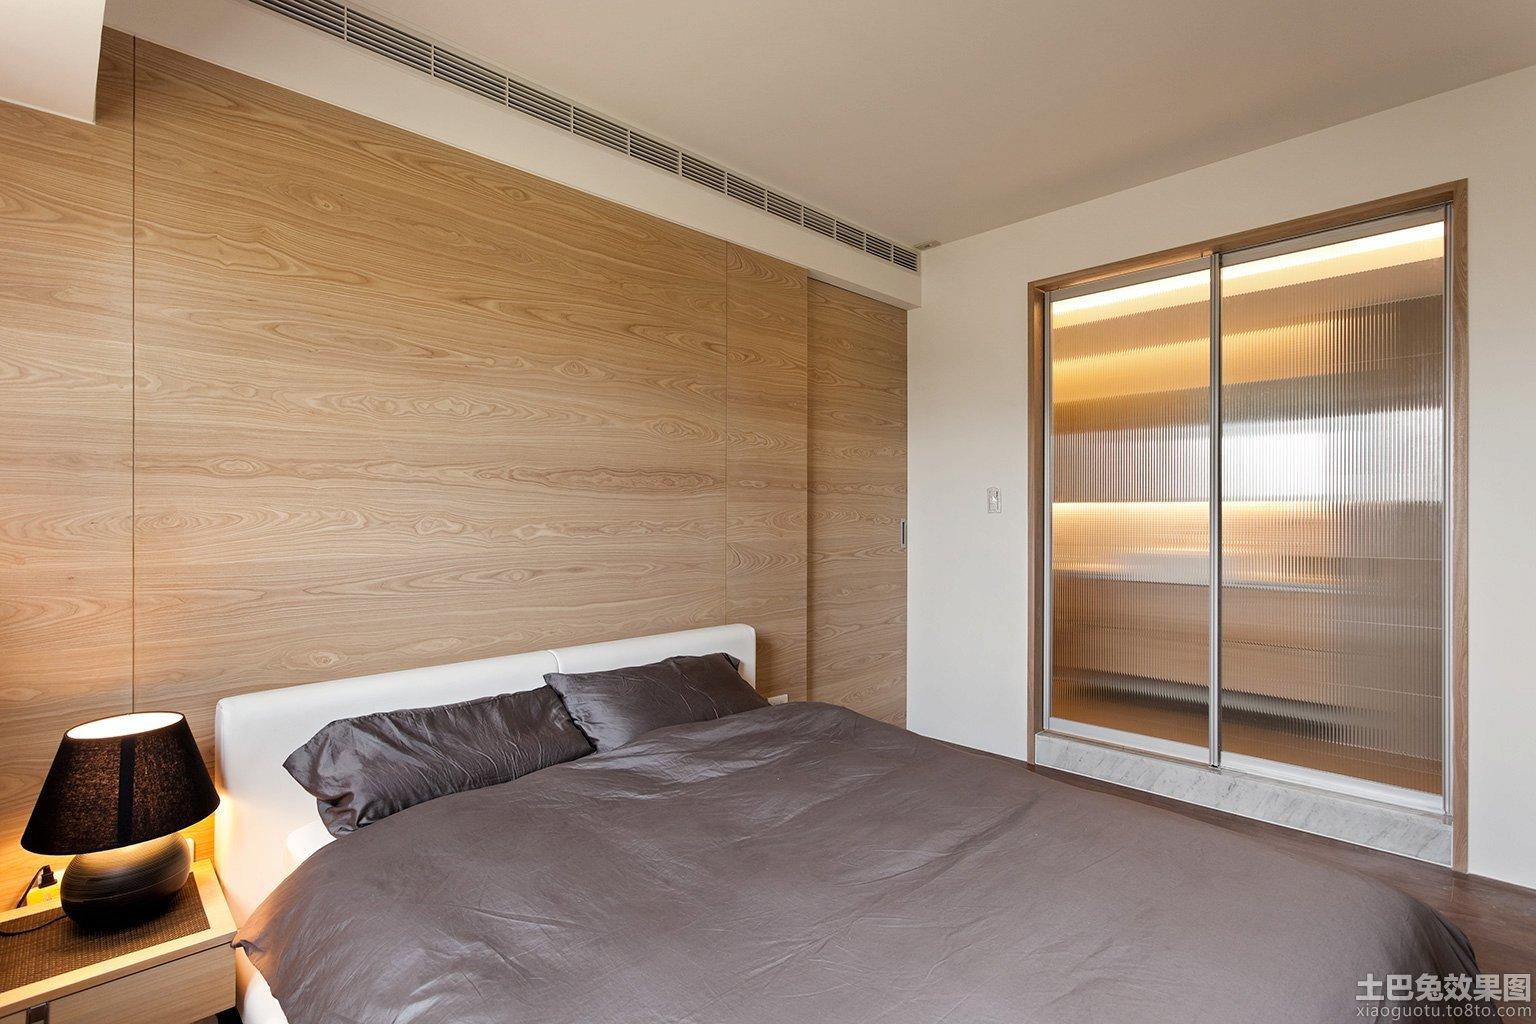 卧室墙面实木背景墙效果图 - 装修效果图 - 九正家居网